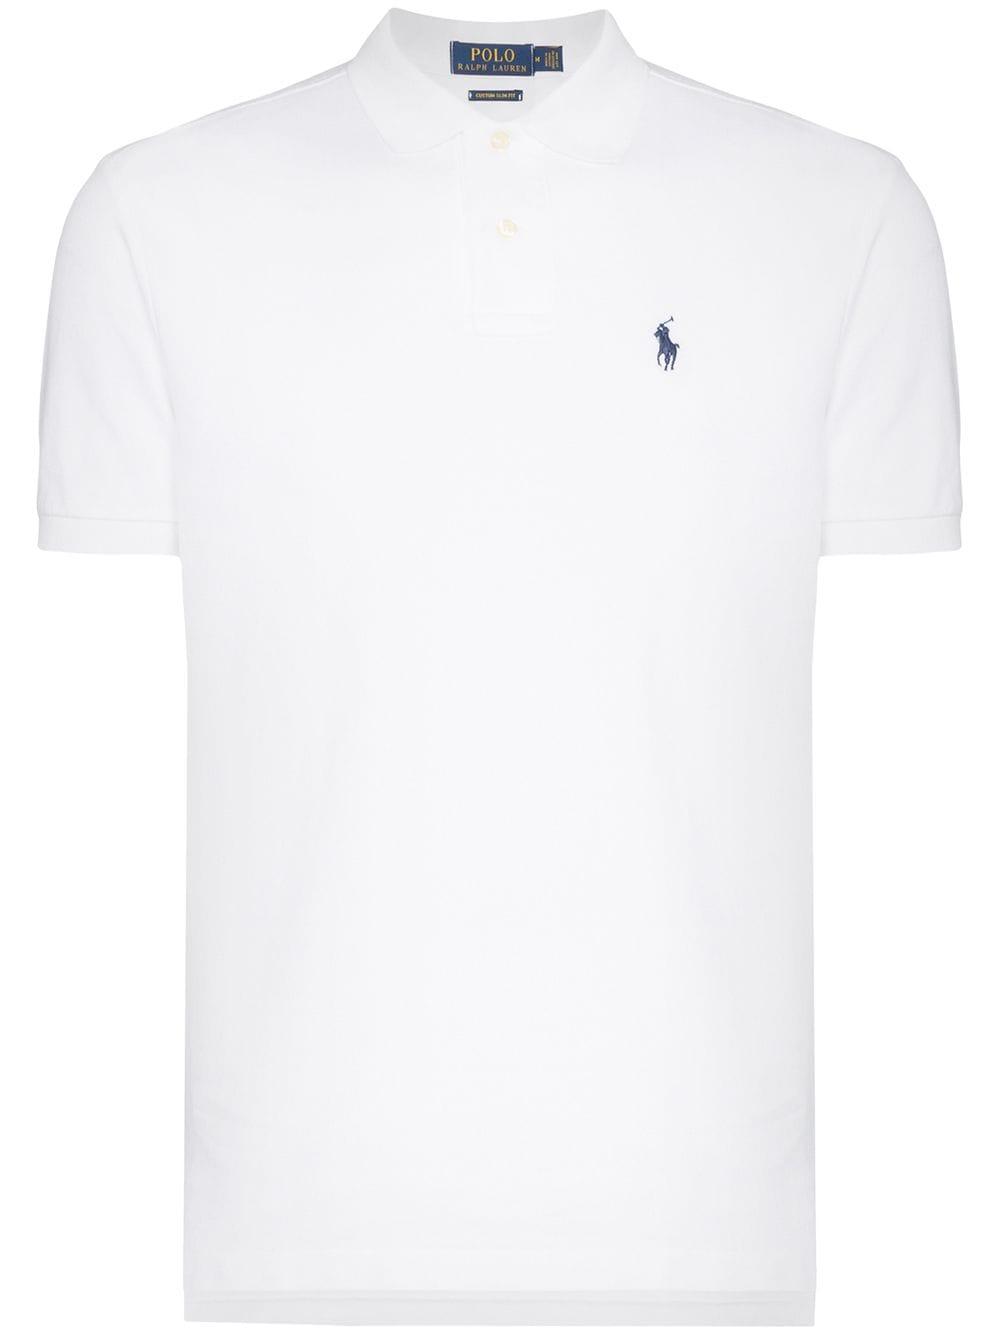 Polo Ralph Lauren Poloshirt mit Logo-Stickerei - Weiß